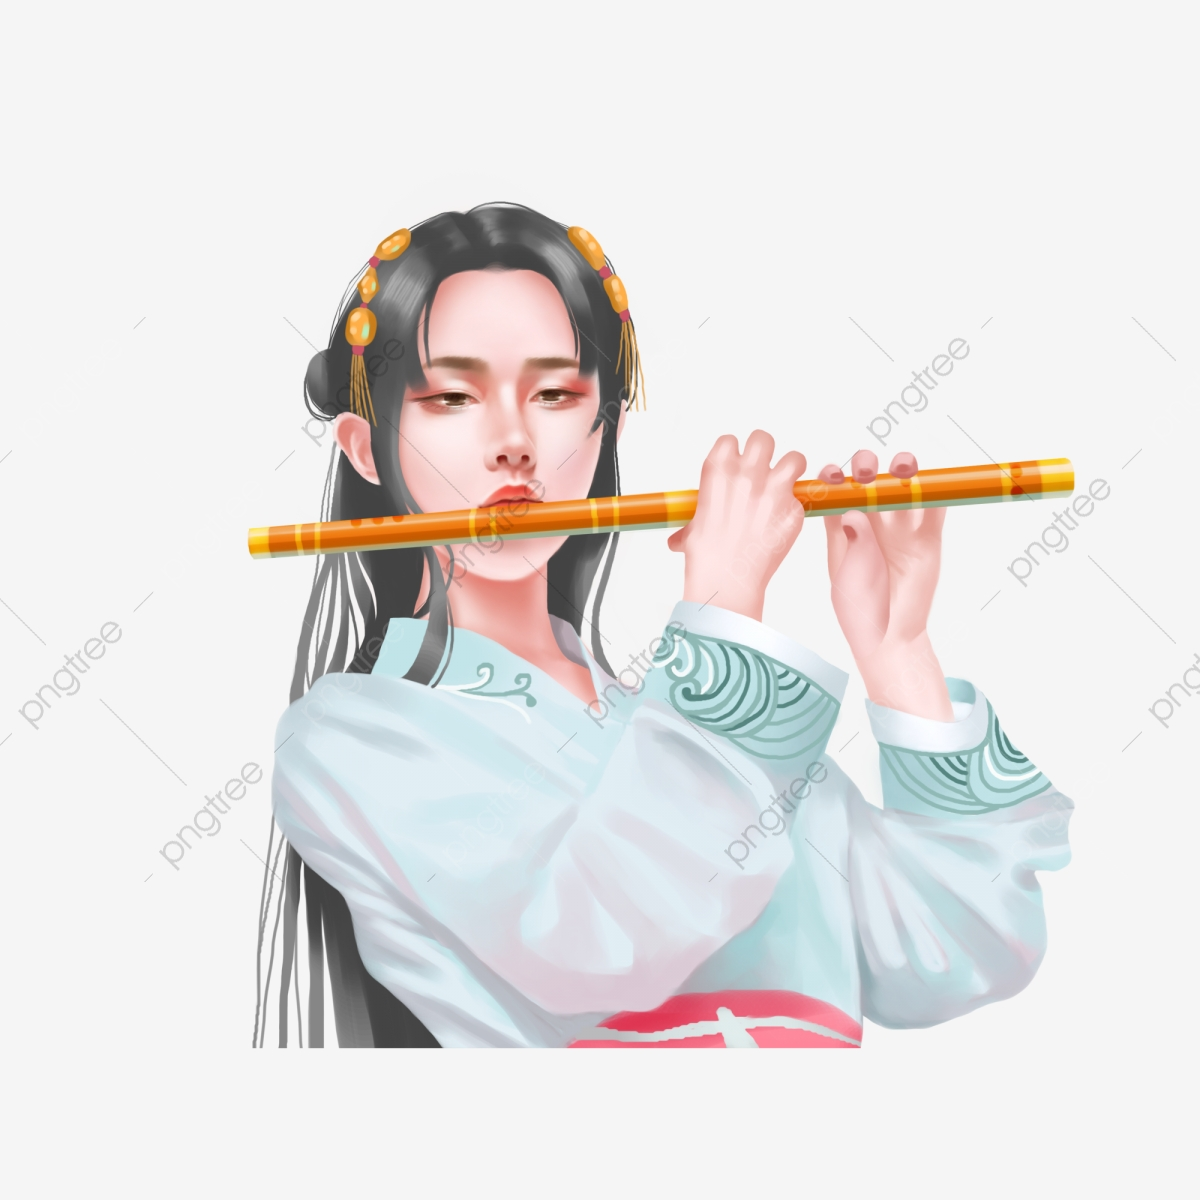 Elemento De Desenho Animado Mulher Triste Tocando A Flauta Flauta